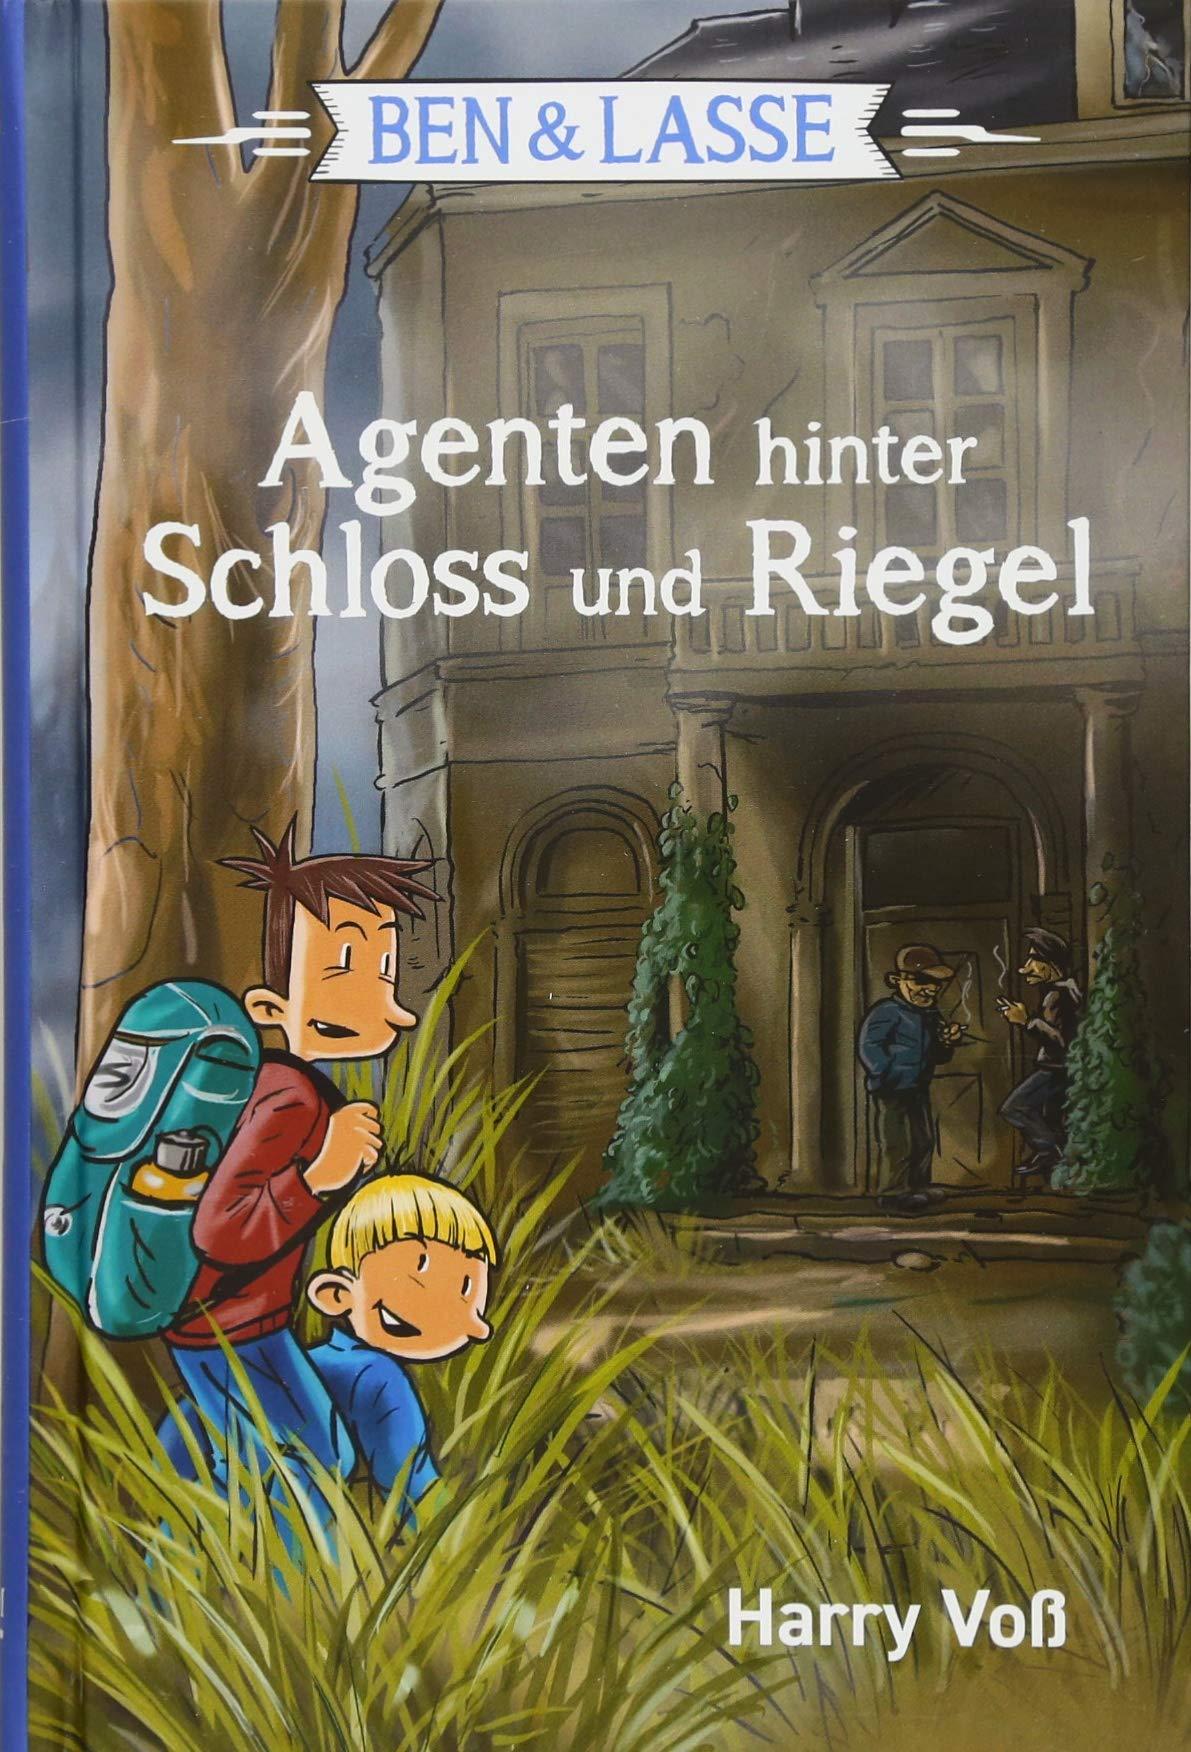 Ben & Lasse - Agenten hinter Schloss und Riegel (Ben & Lasse (4))